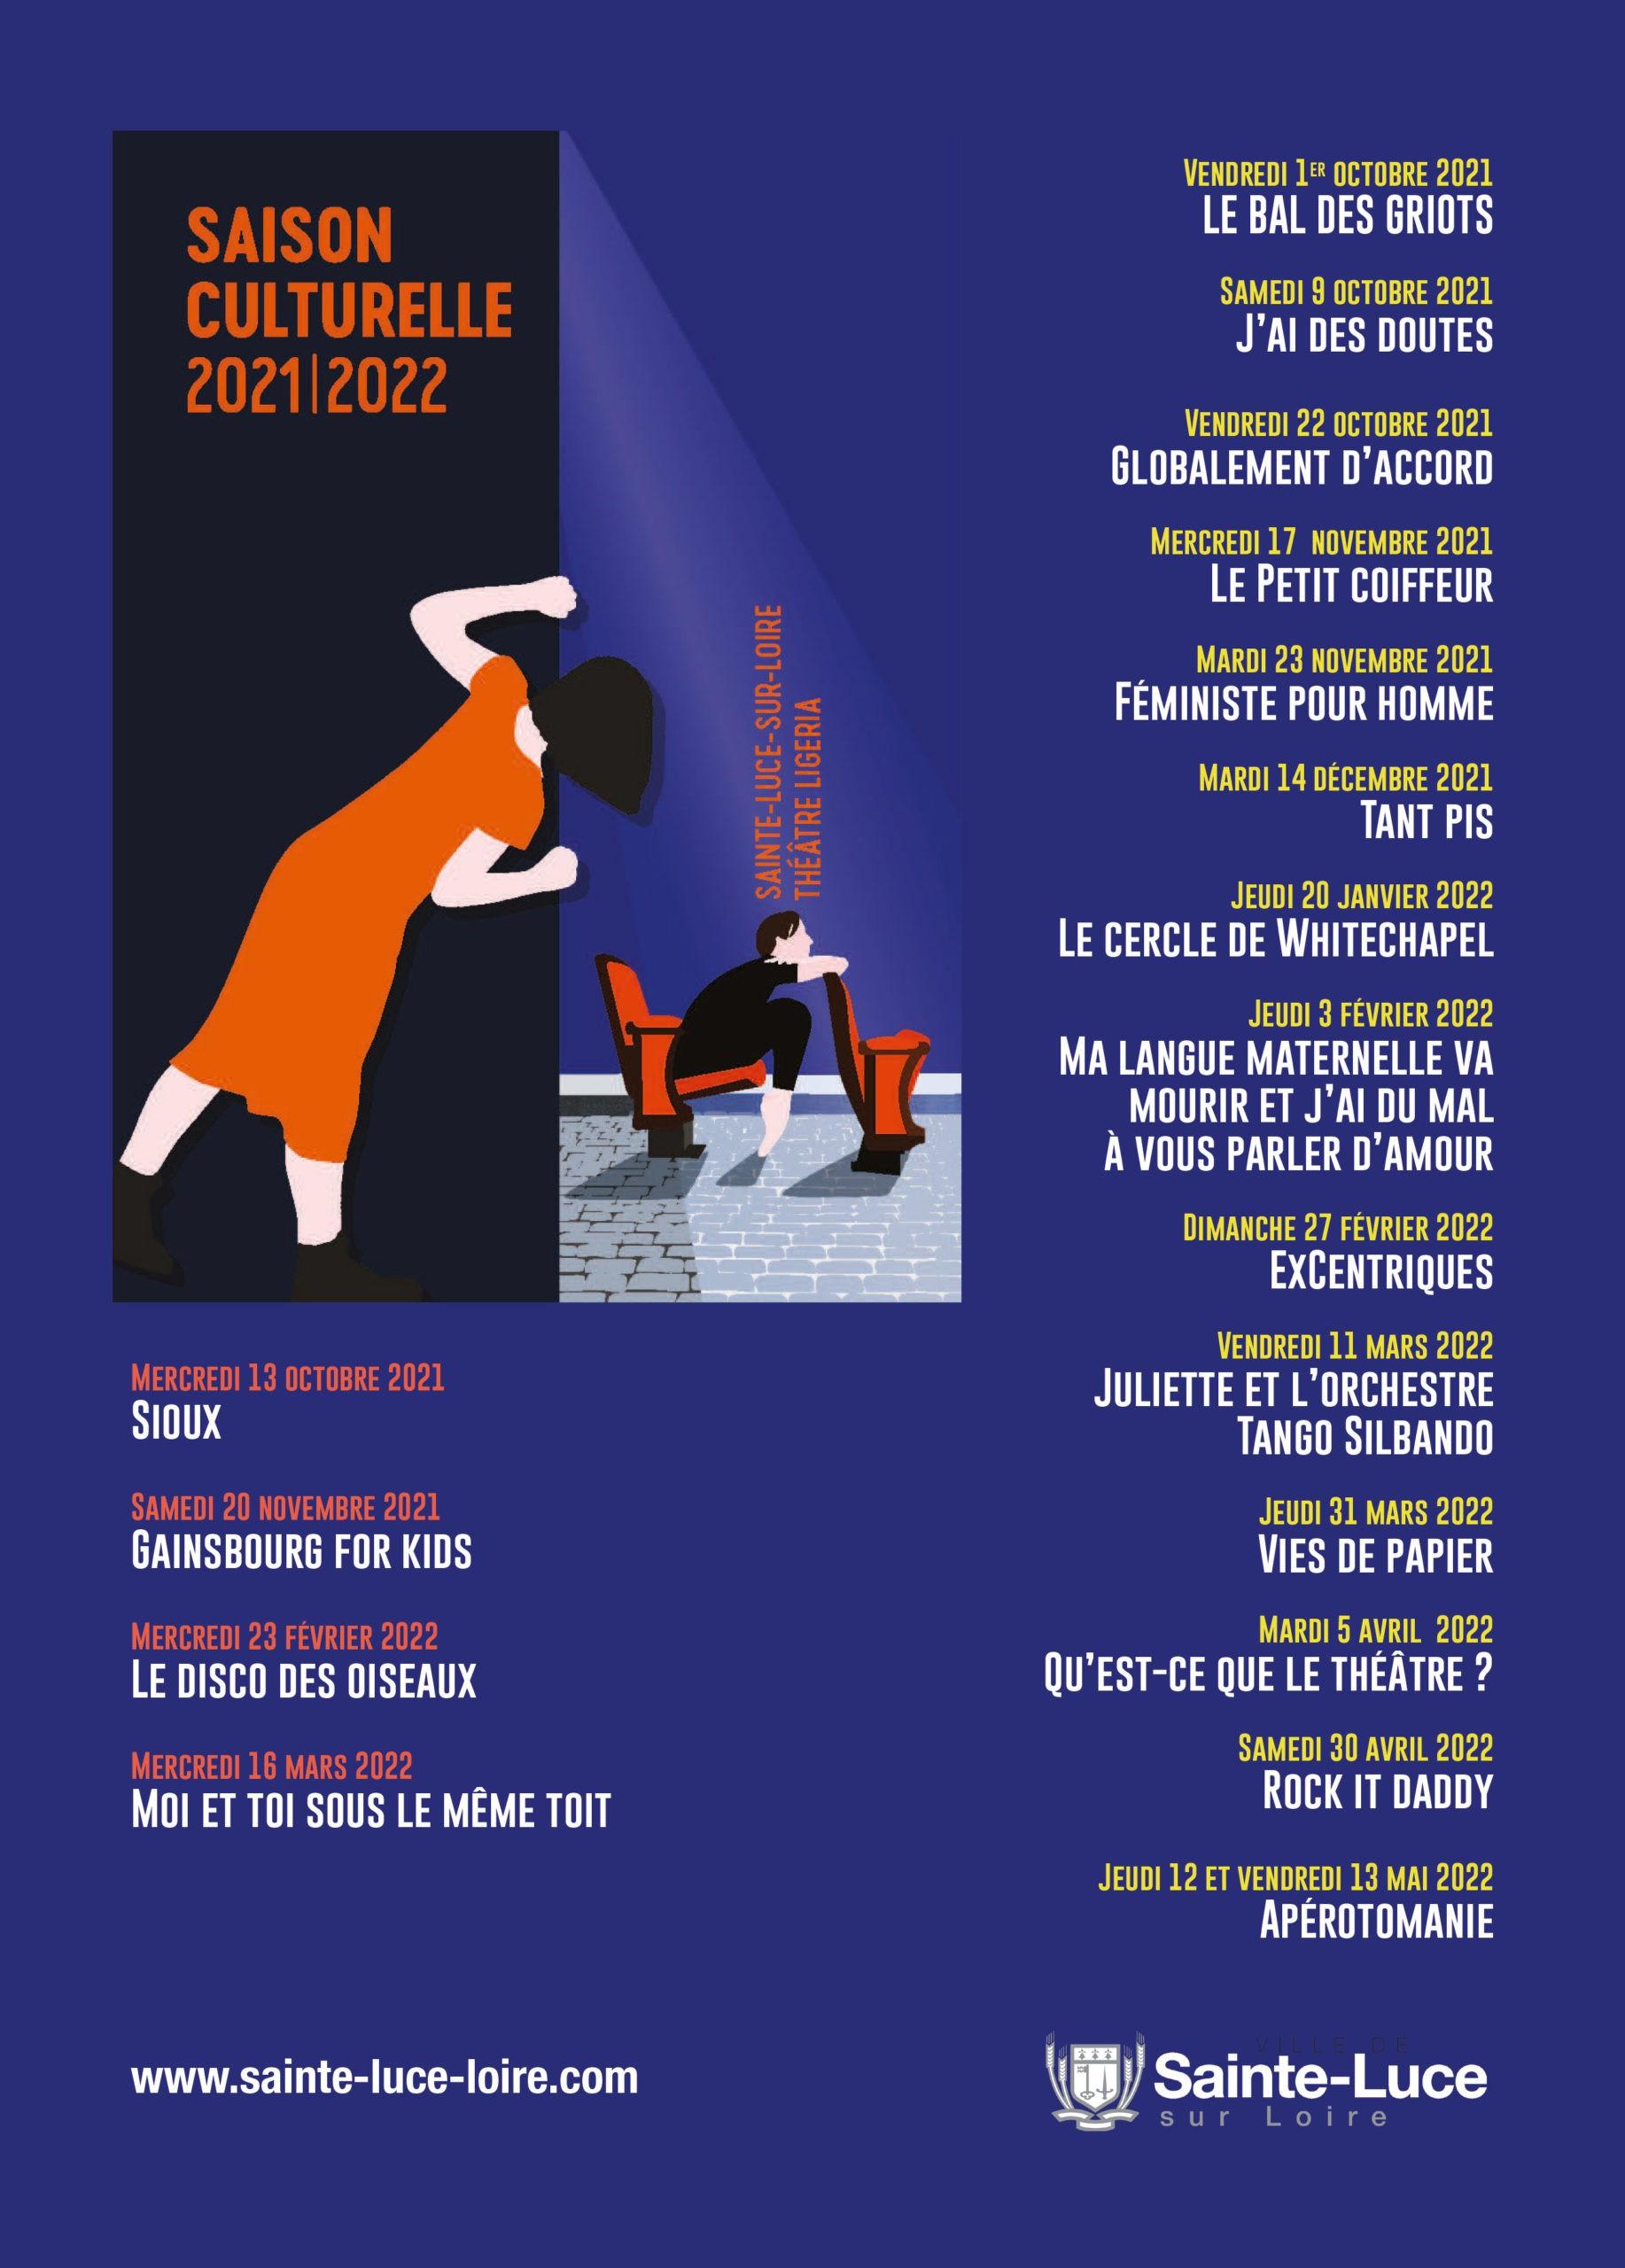 Programme 2021/2022 du théâtre Ligéria